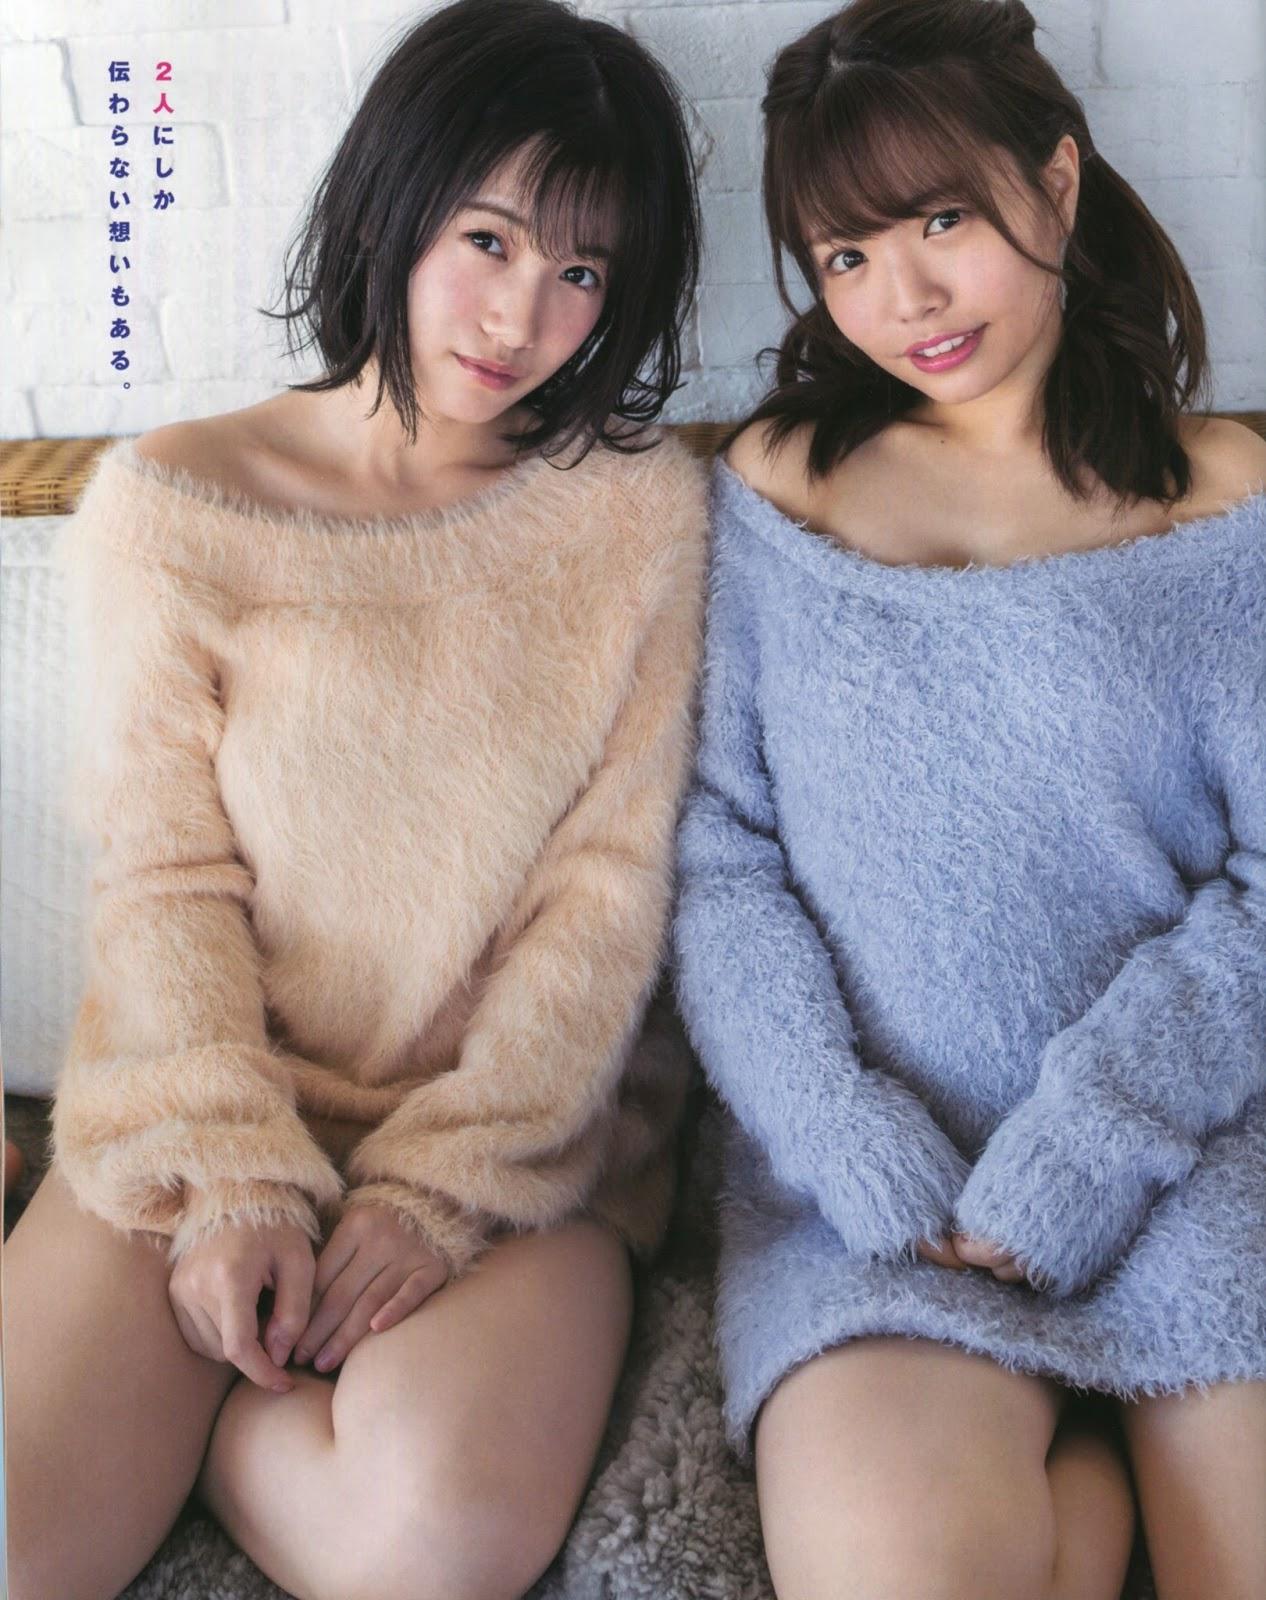 Tomonaga Mio 朝長美桜, Fuchigami Mai 渕上舞, BOMB! 2018 No.03 (ボム 2018年3月号)